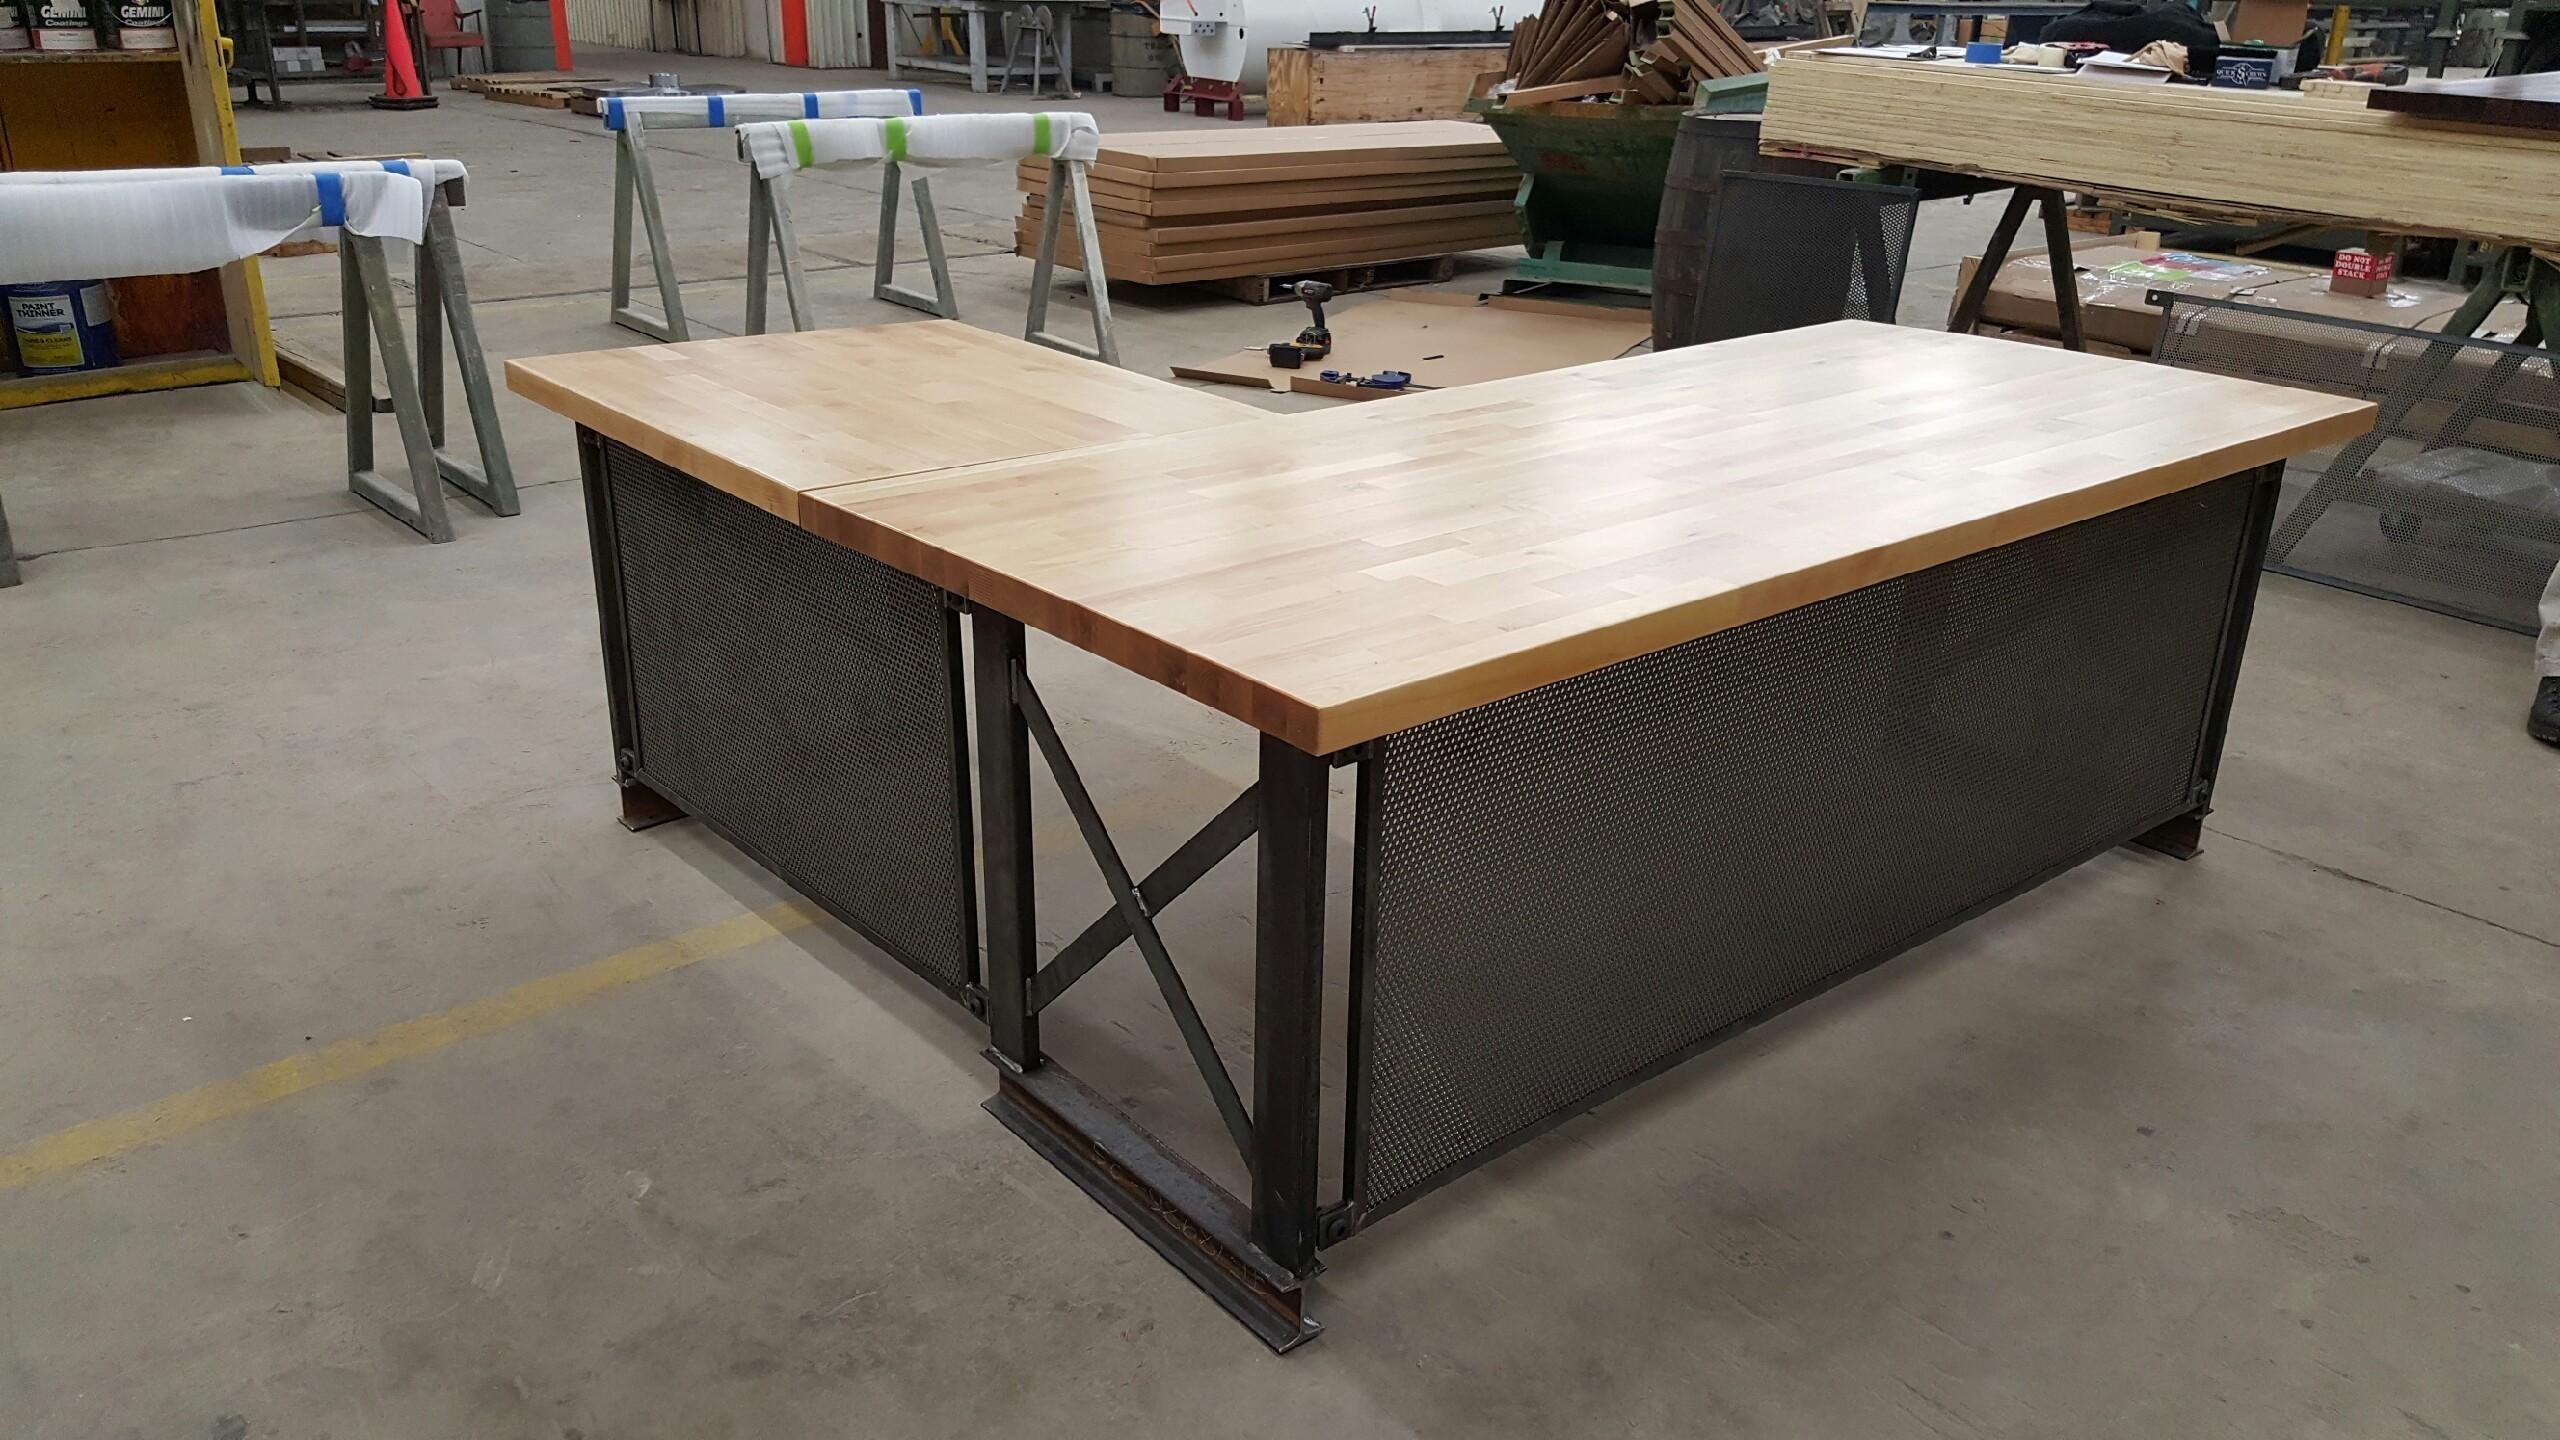 Carruca desk office Shape Custom Made The Carruca Desk Pinterest Custom Made The Carruca Desk Shop In 2018 Pinterest Desk